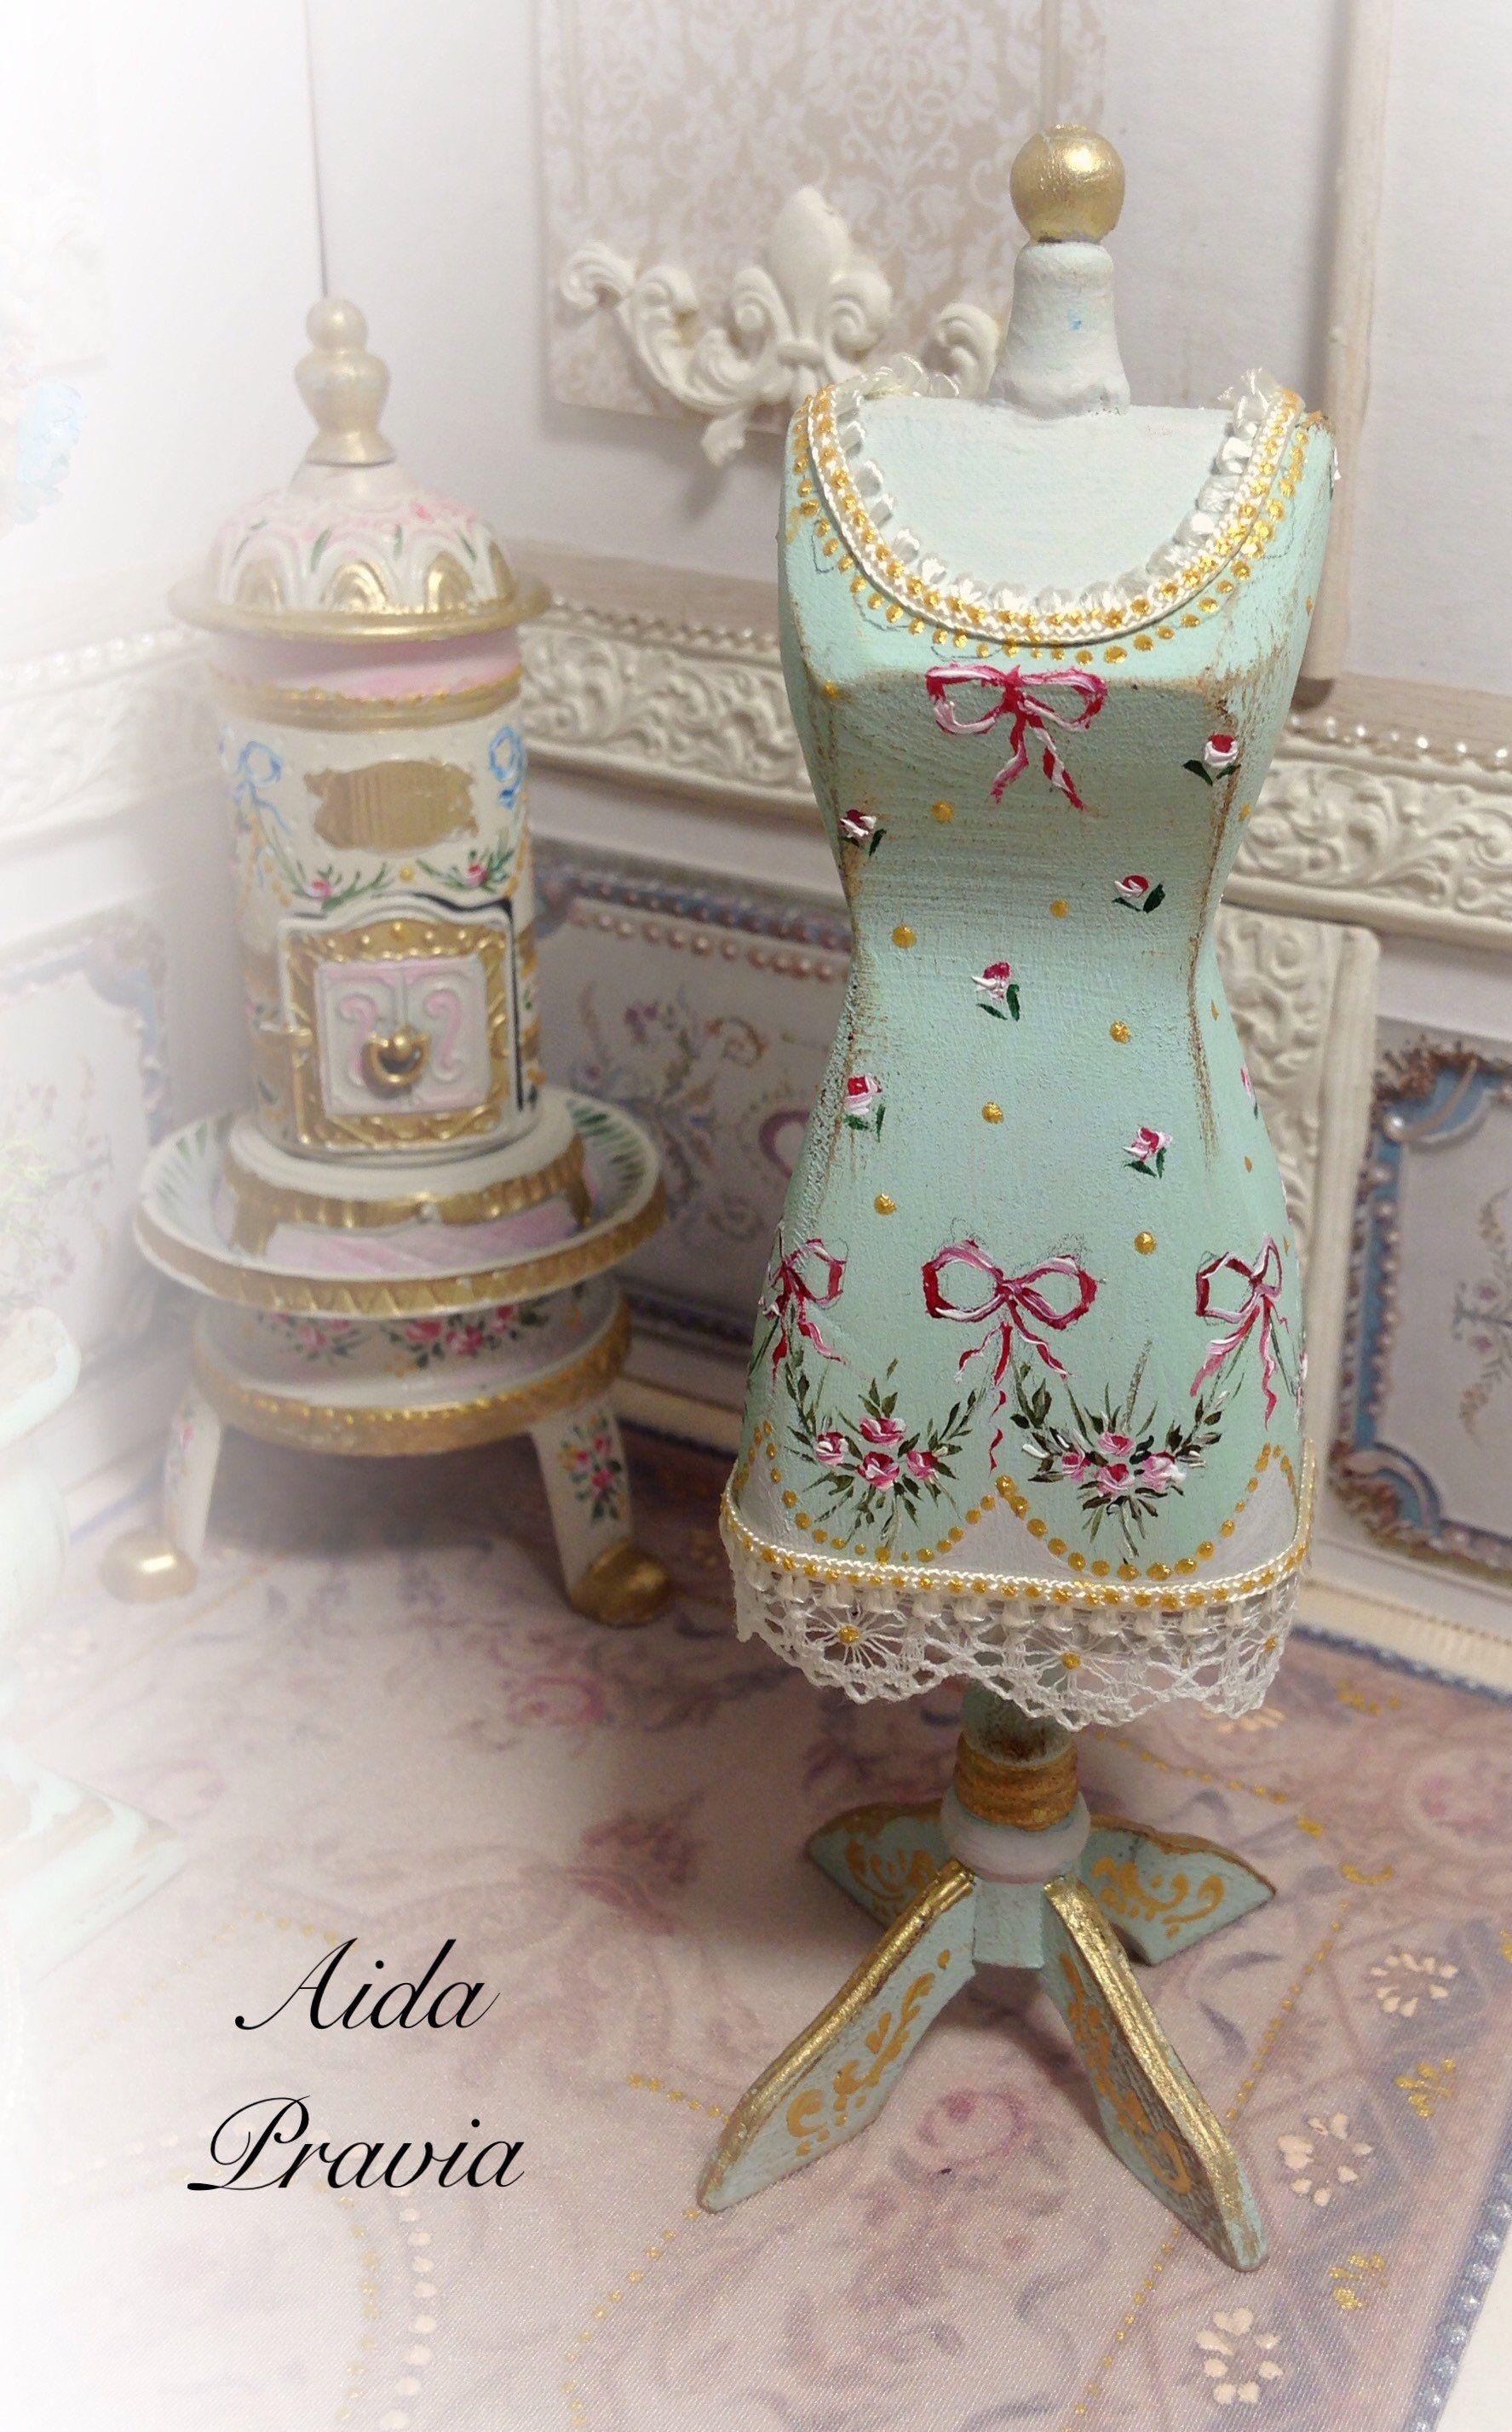 Casa De Muñecas En Miniatura Tienda Cuarto De Costura Maniquí Maniquíes Accesorio